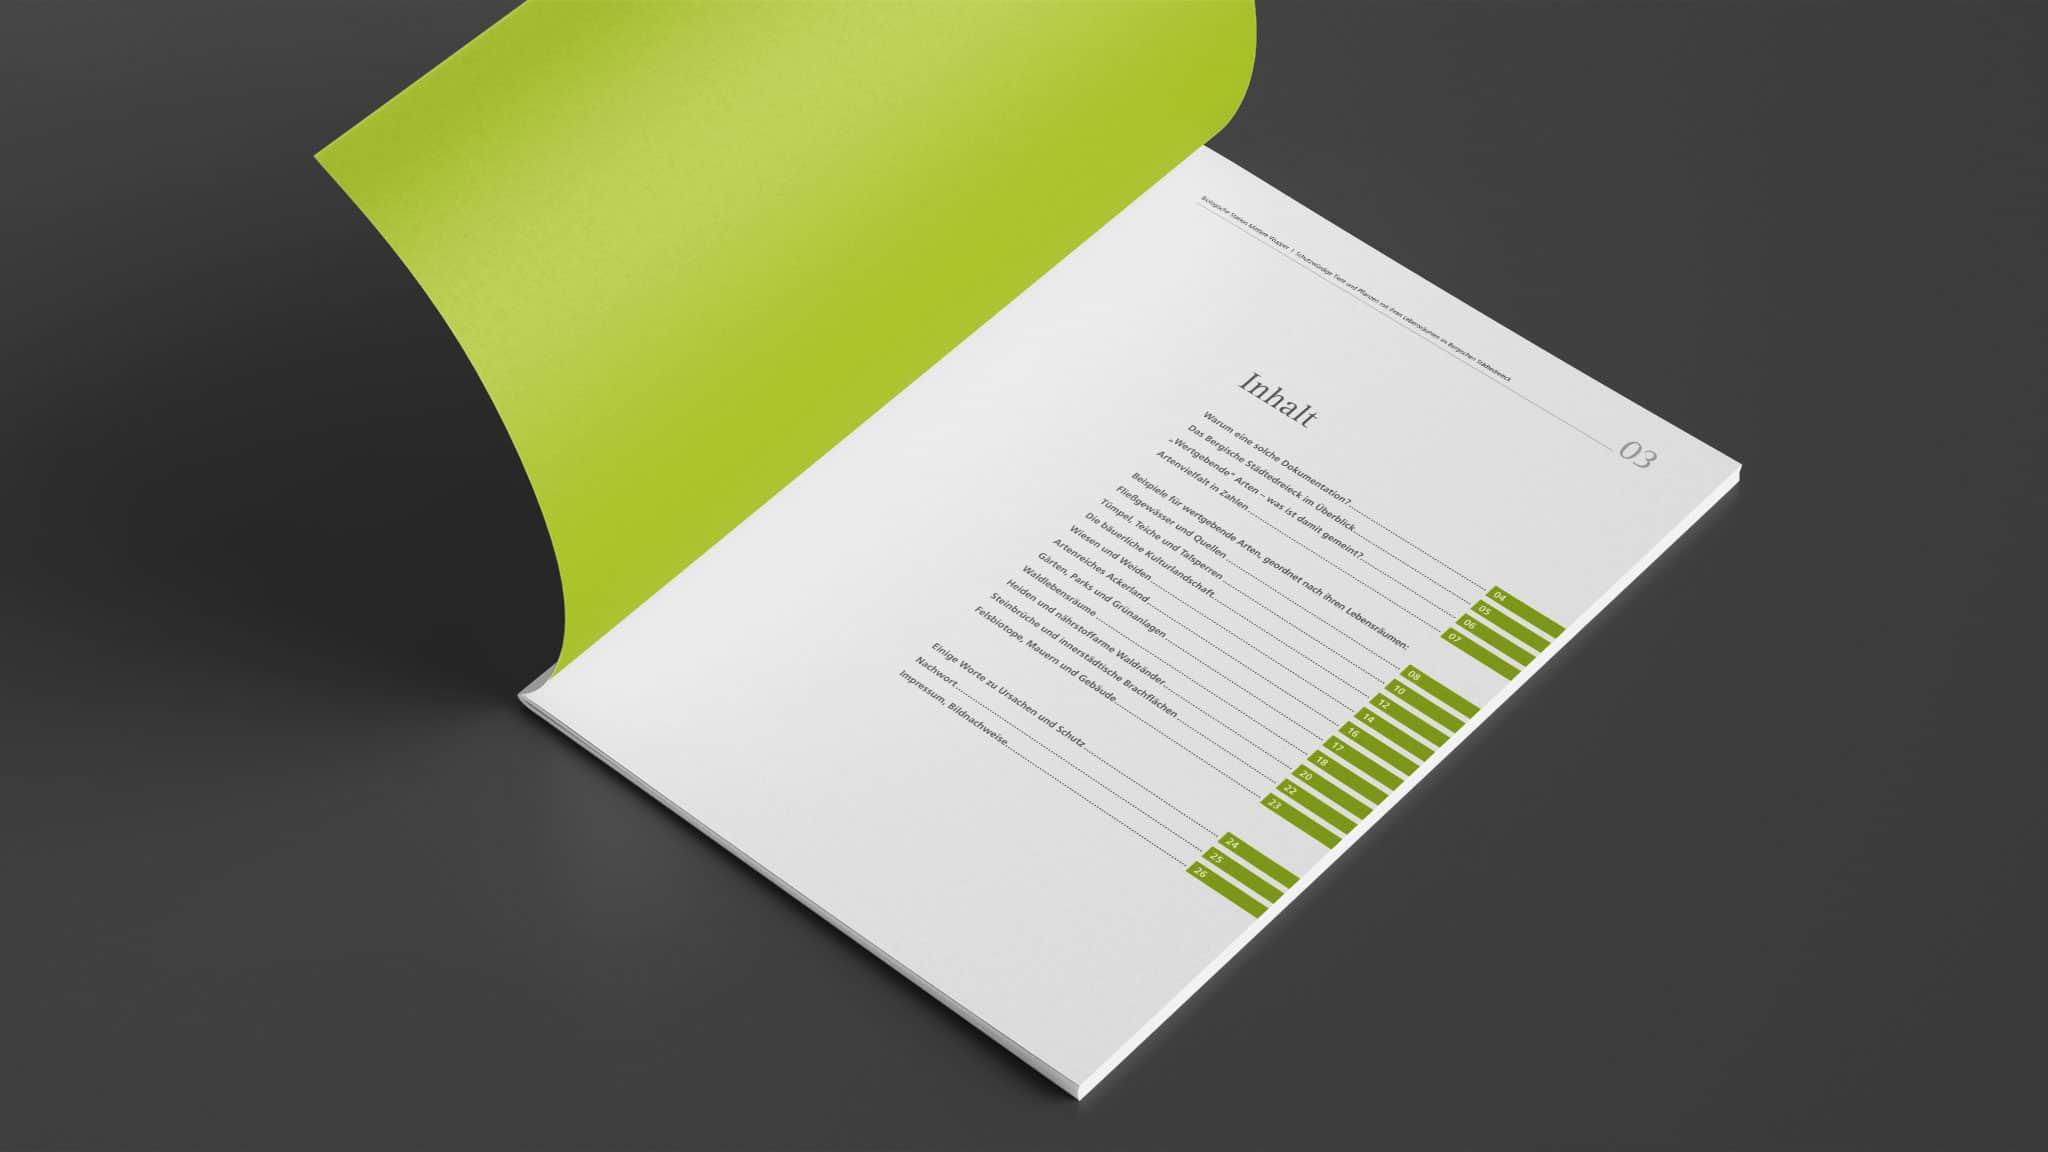 Inhaltsverzeichnis der Broschüre